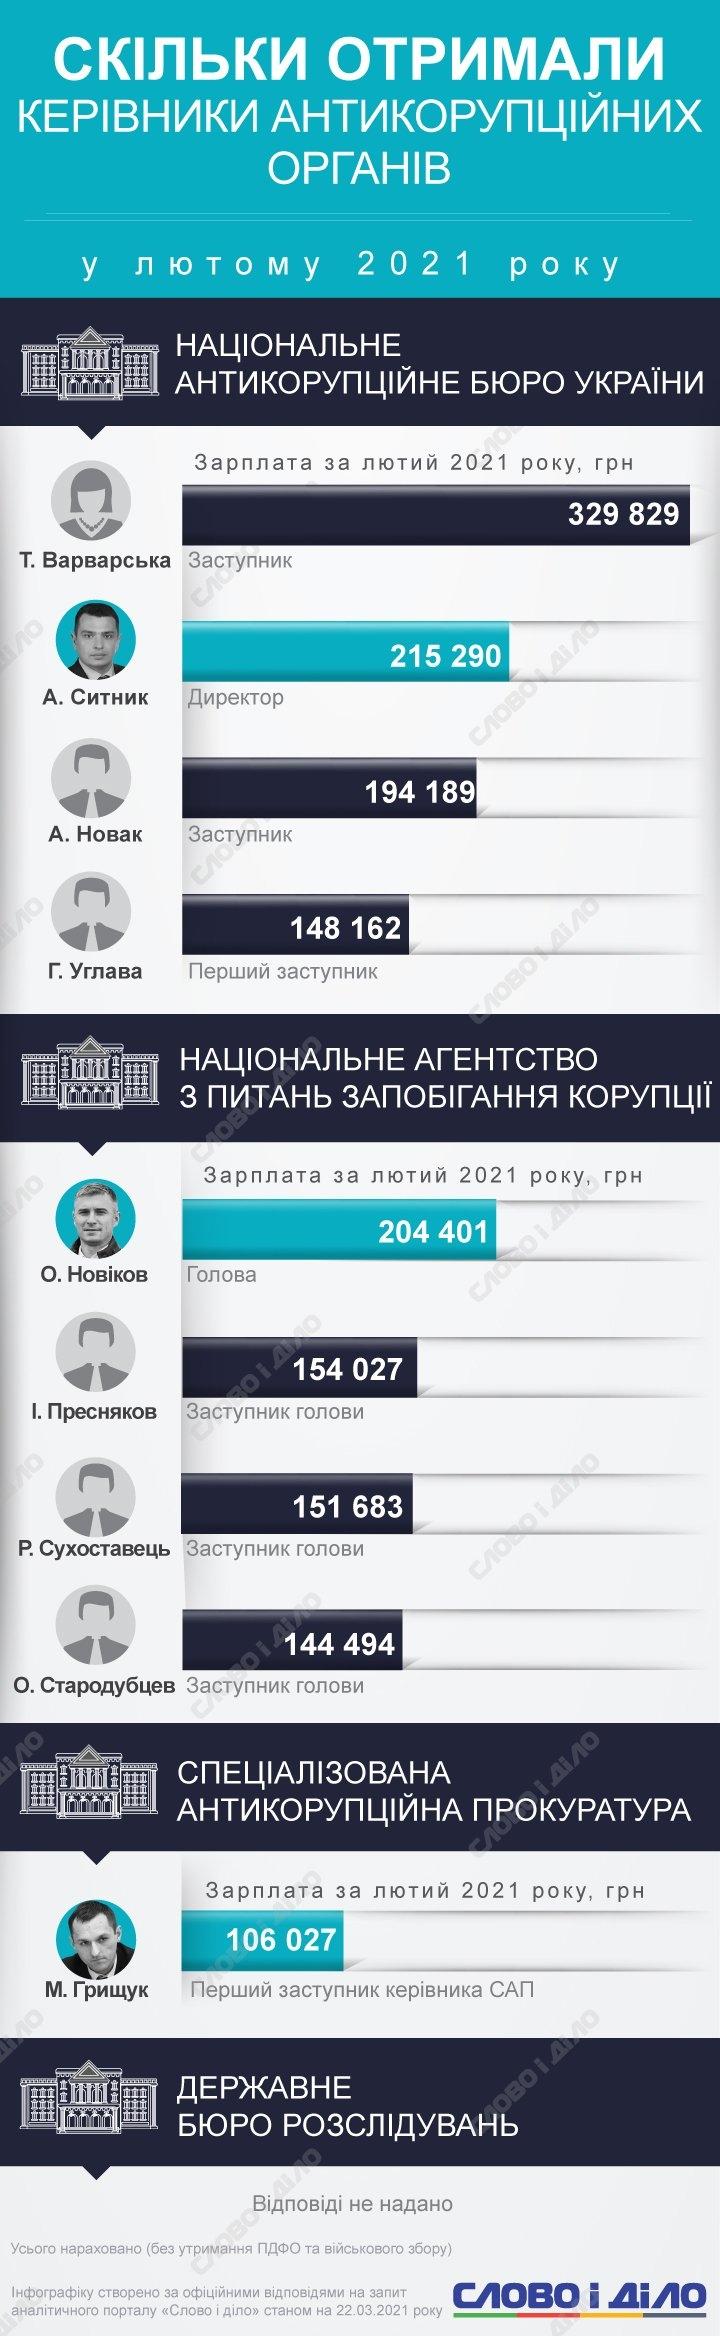 Зарплаты антикоррупционеров: сколько в феврале заработали главы НАБУ, НАЗК и САП